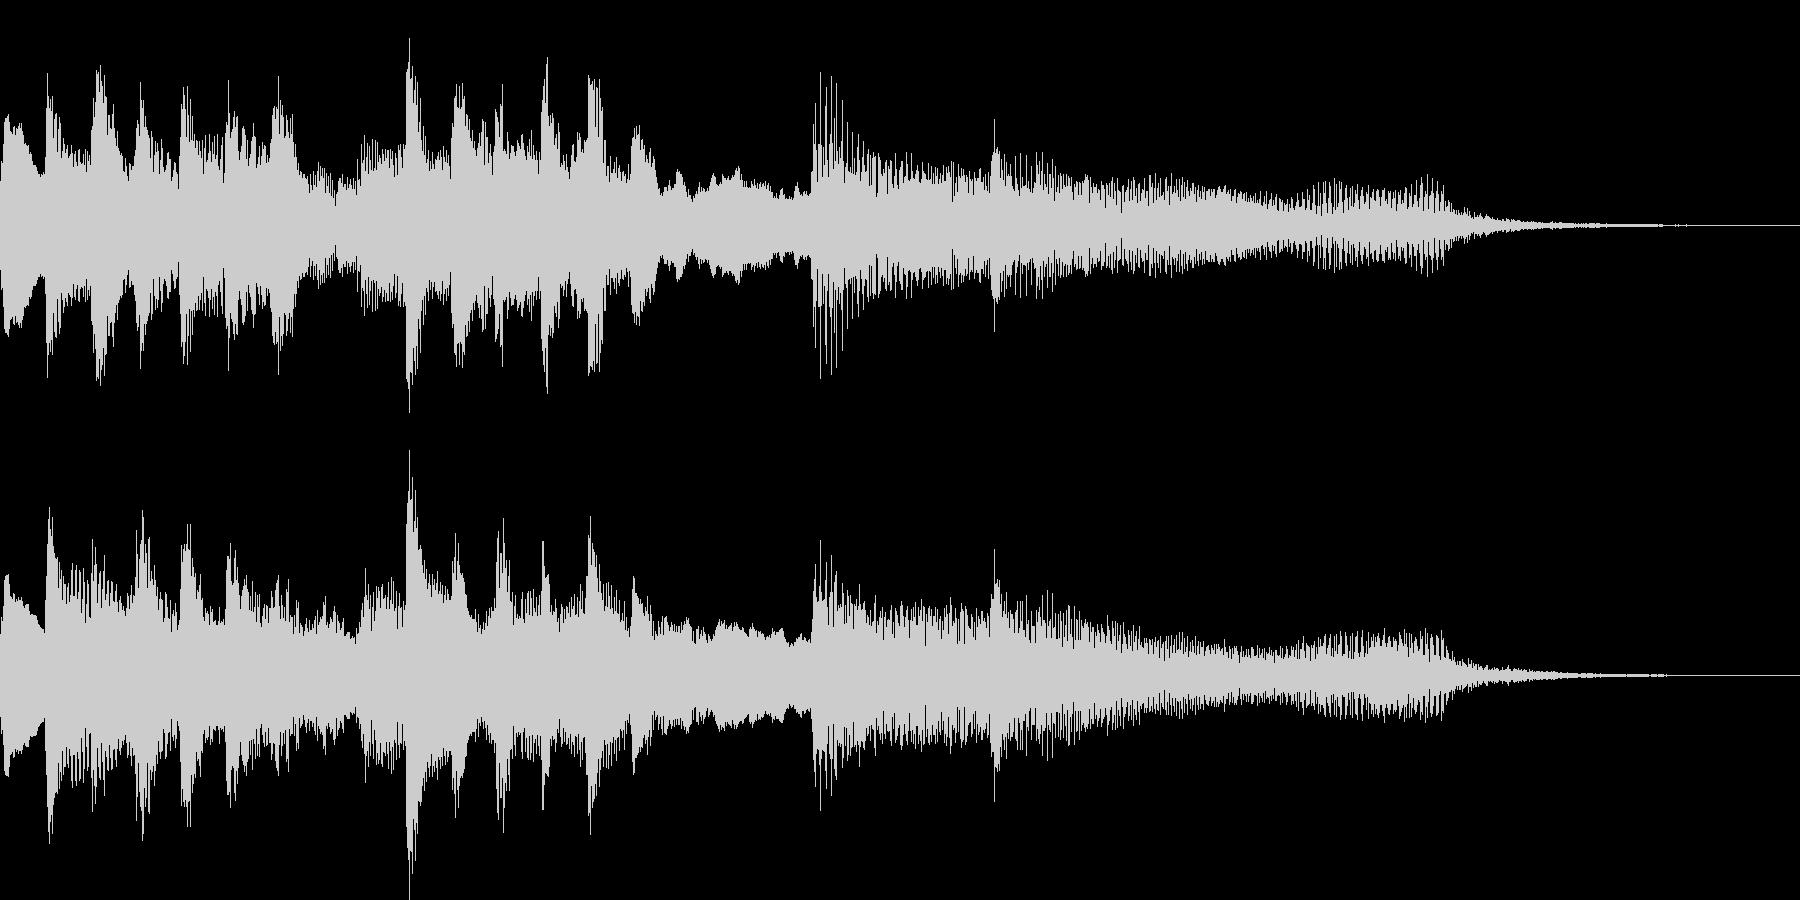 ファンタジーな世界に合わせたロゴ音の未再生の波形